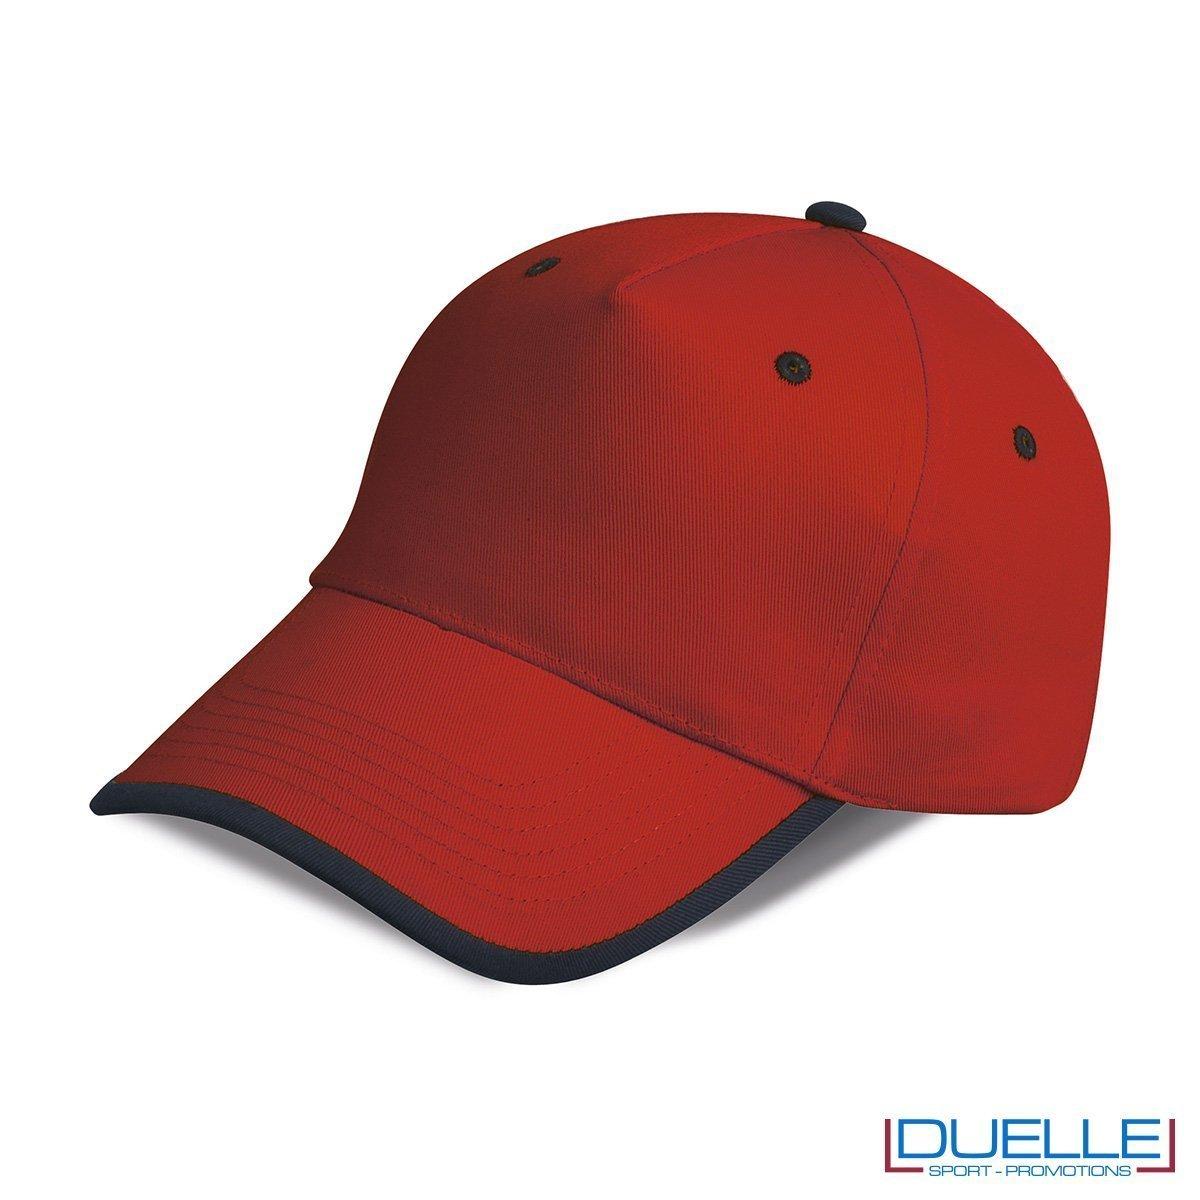 cappellino personalizzato a 5 pannelli con orlo a contrasto, colore rosso